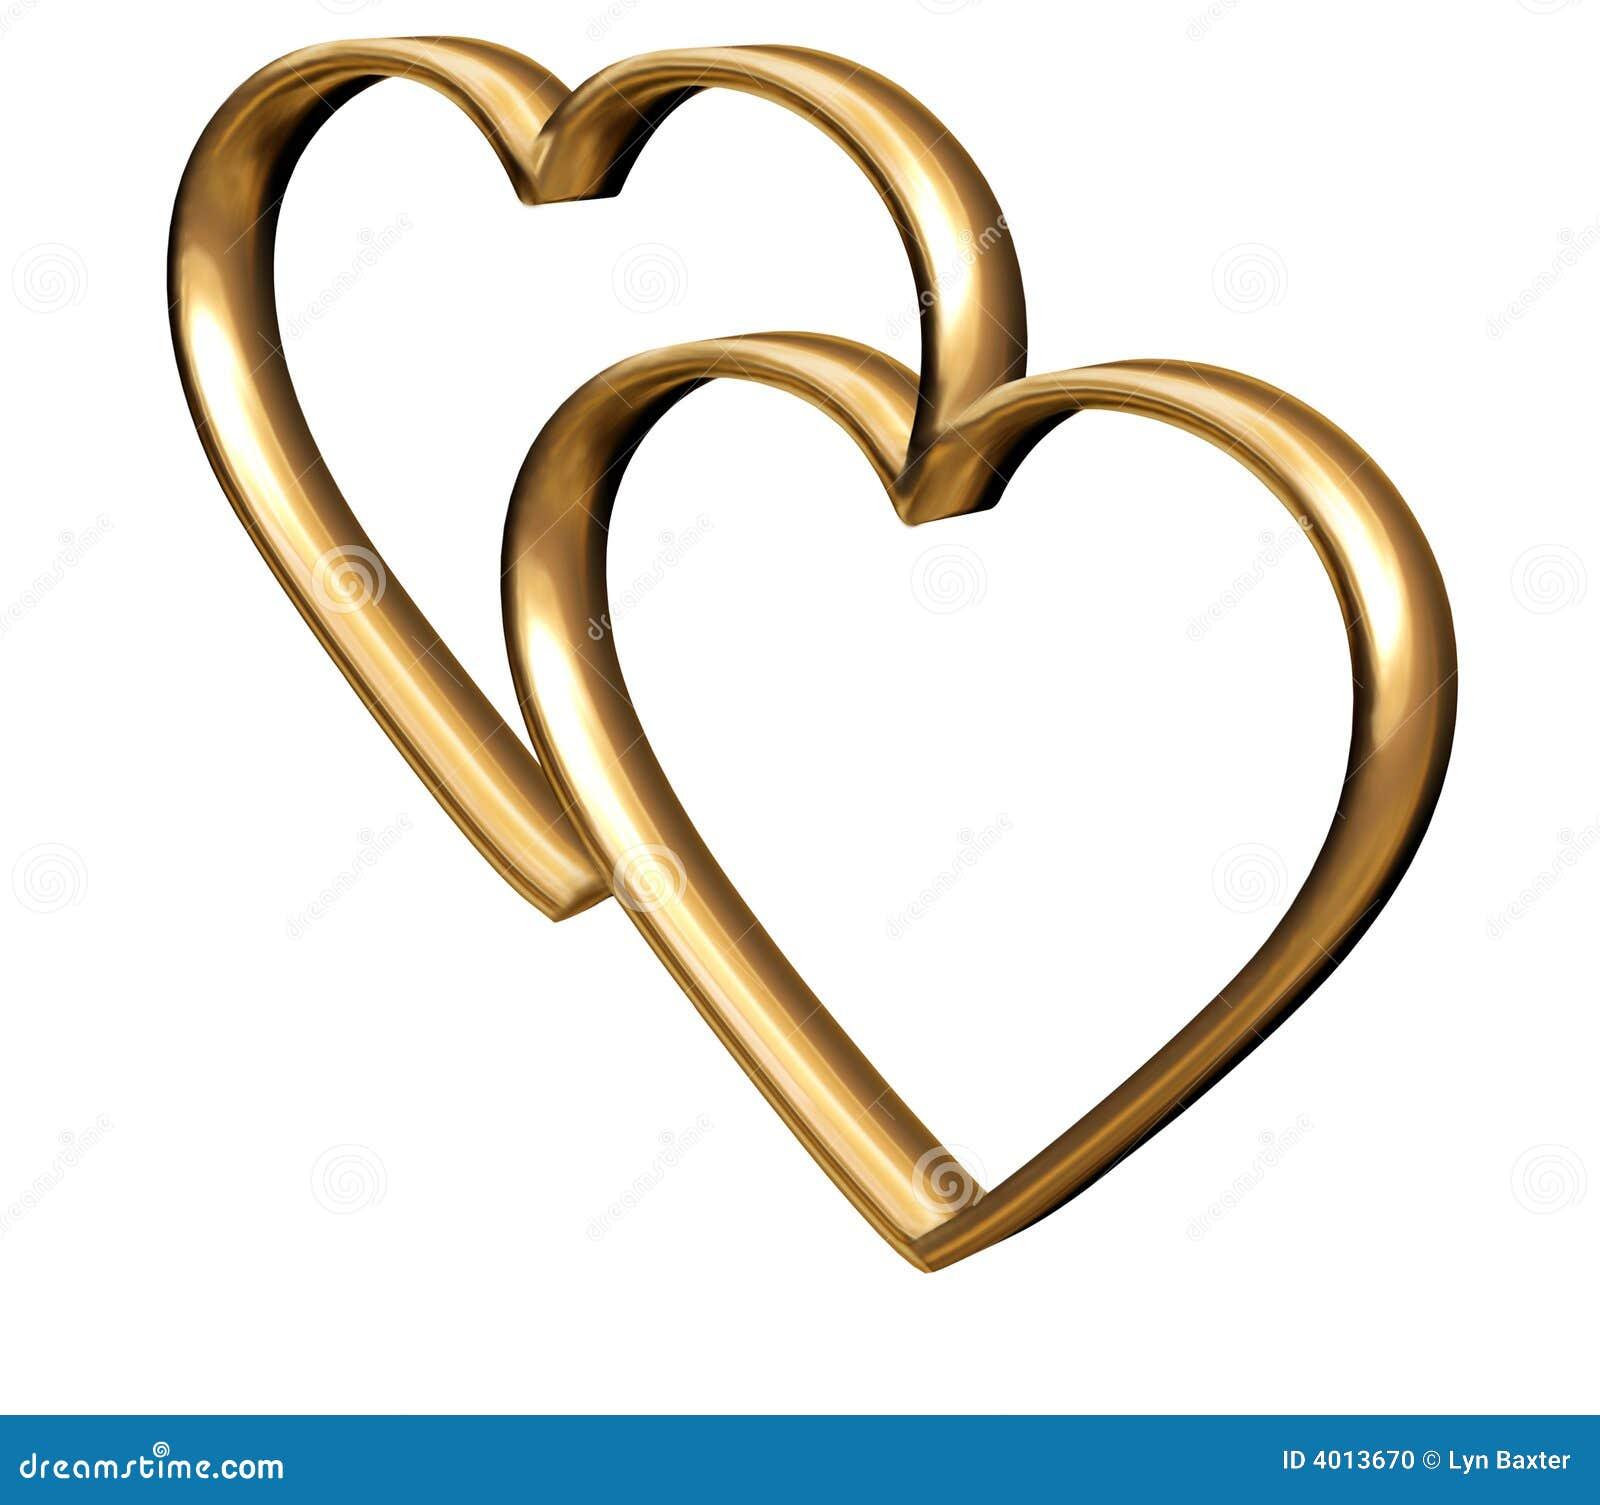 Golden 3D hearts